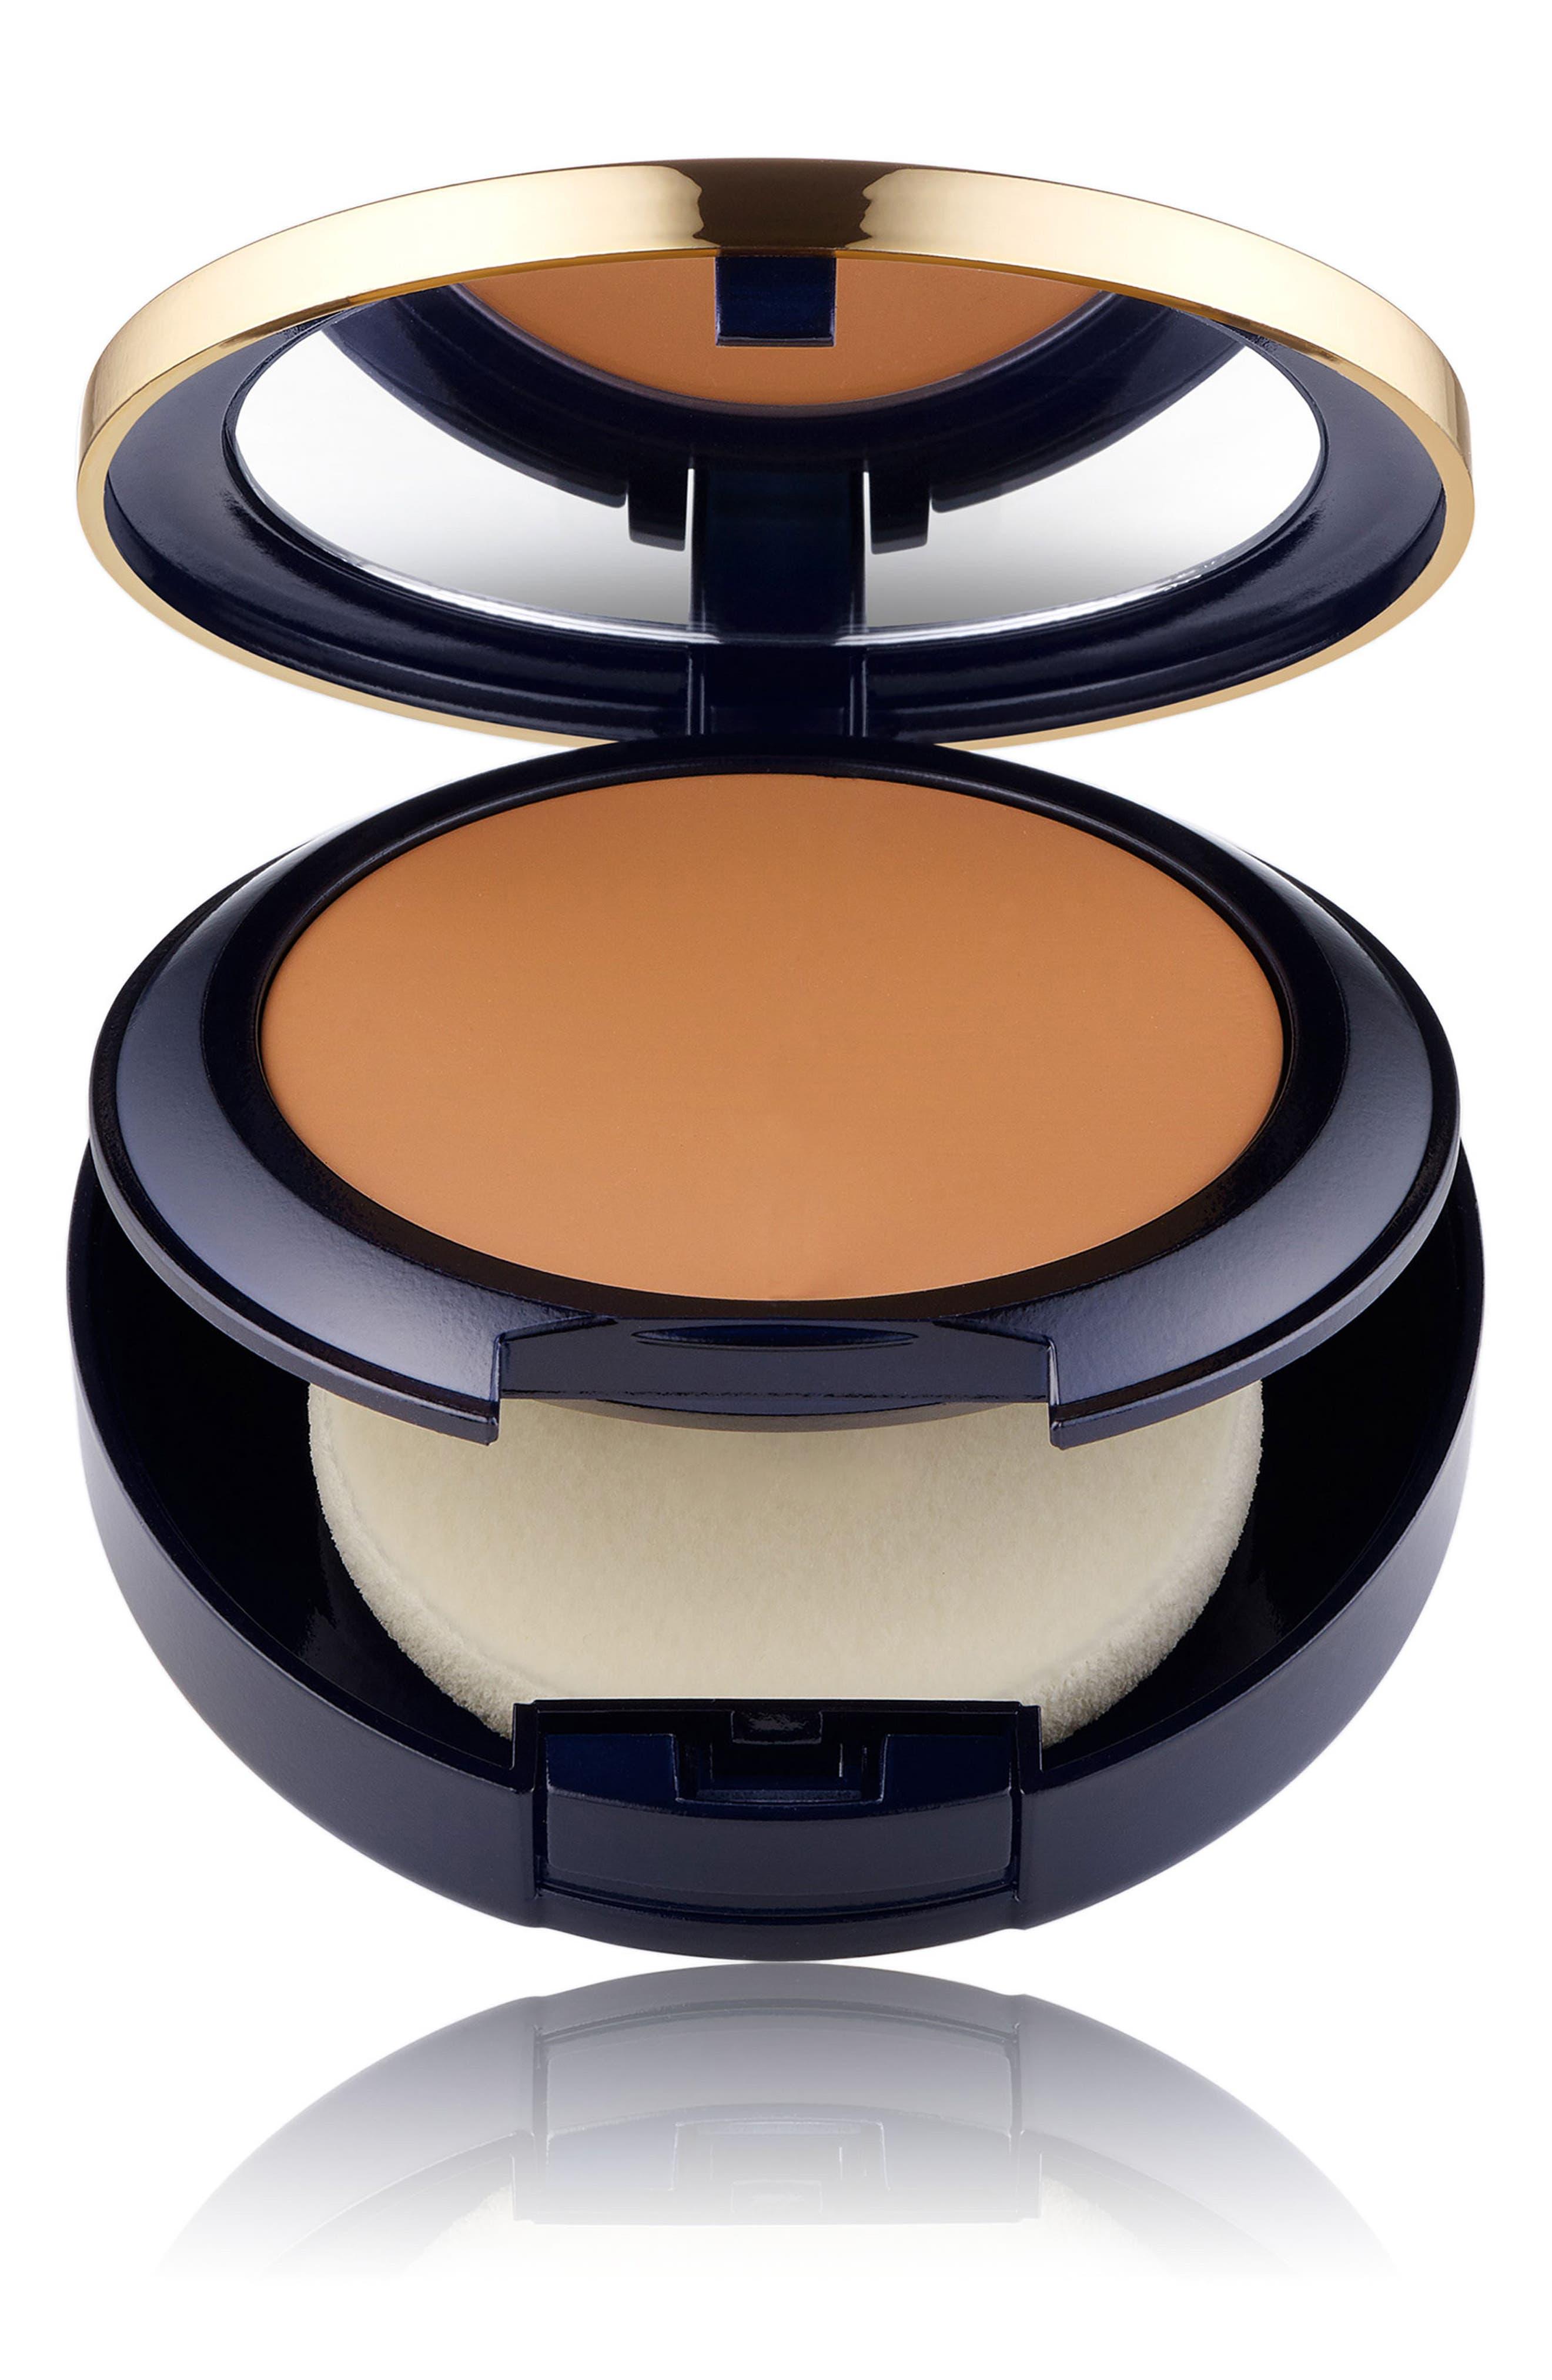 Estee Lauder Double Wear Stay In Place Matte Powder Foundation - 7W1 Deep Spice